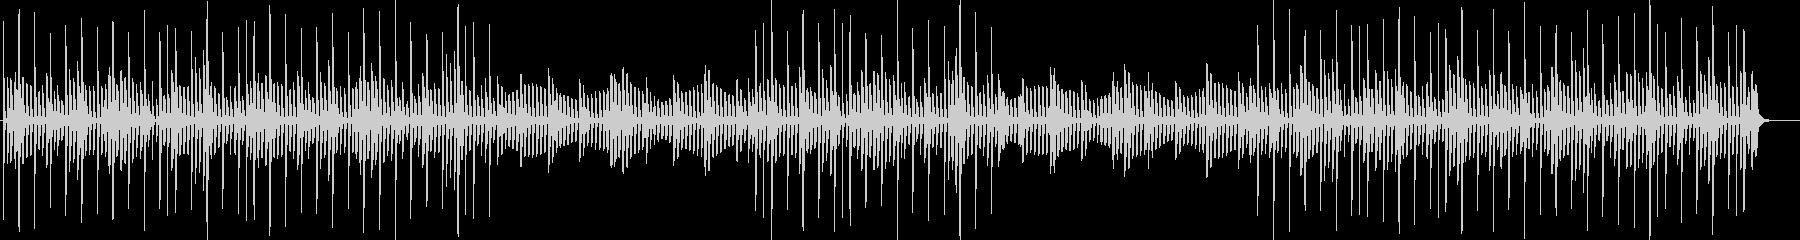 静かなヒーリングミュージック・BGMの未再生の波形